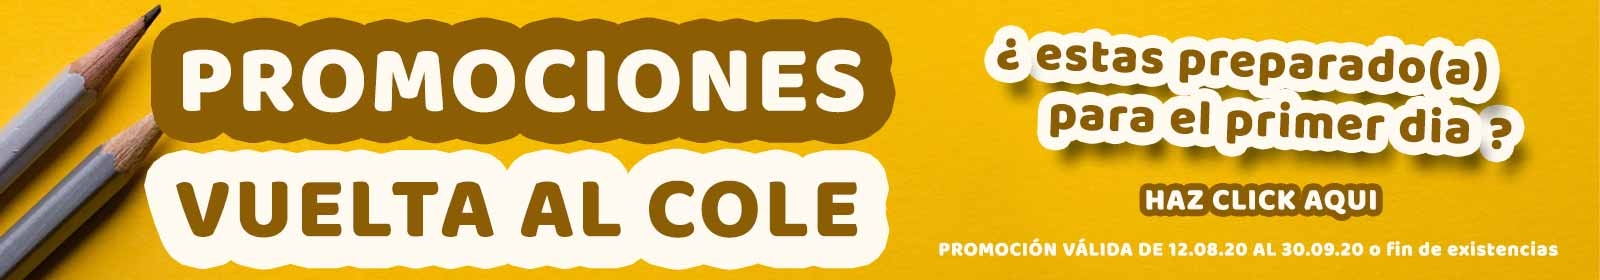 Comprar Vuelta al Cole online a los mejores precios